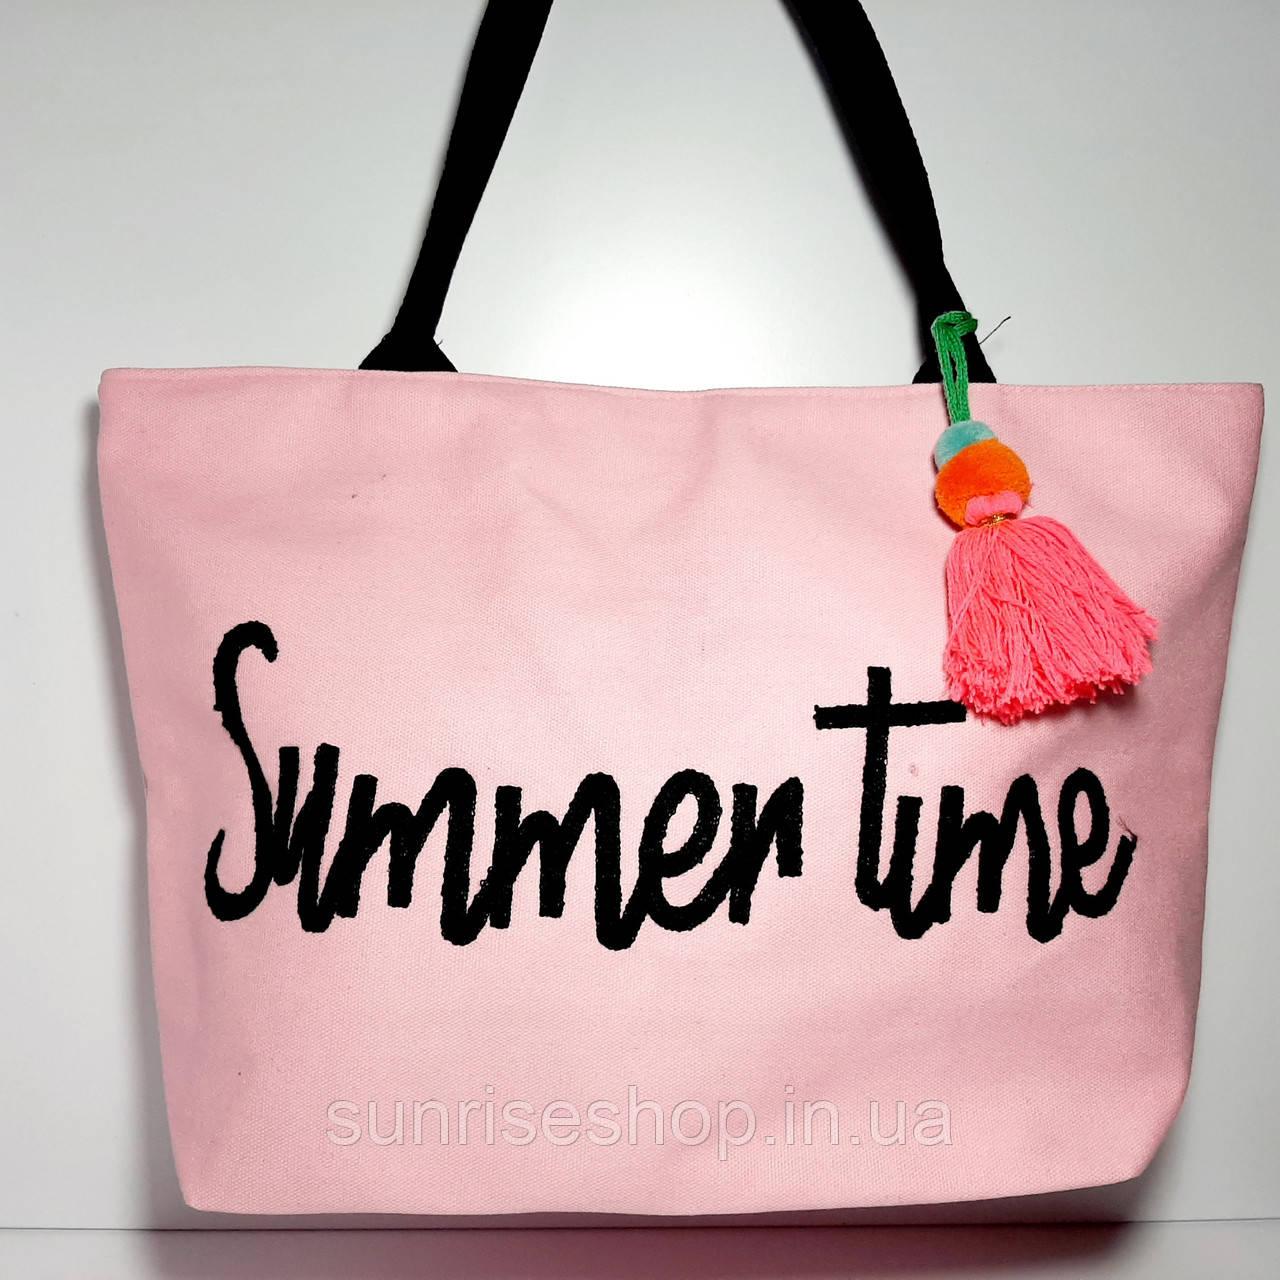 Пляжна сумка текстильна опт і роздріб